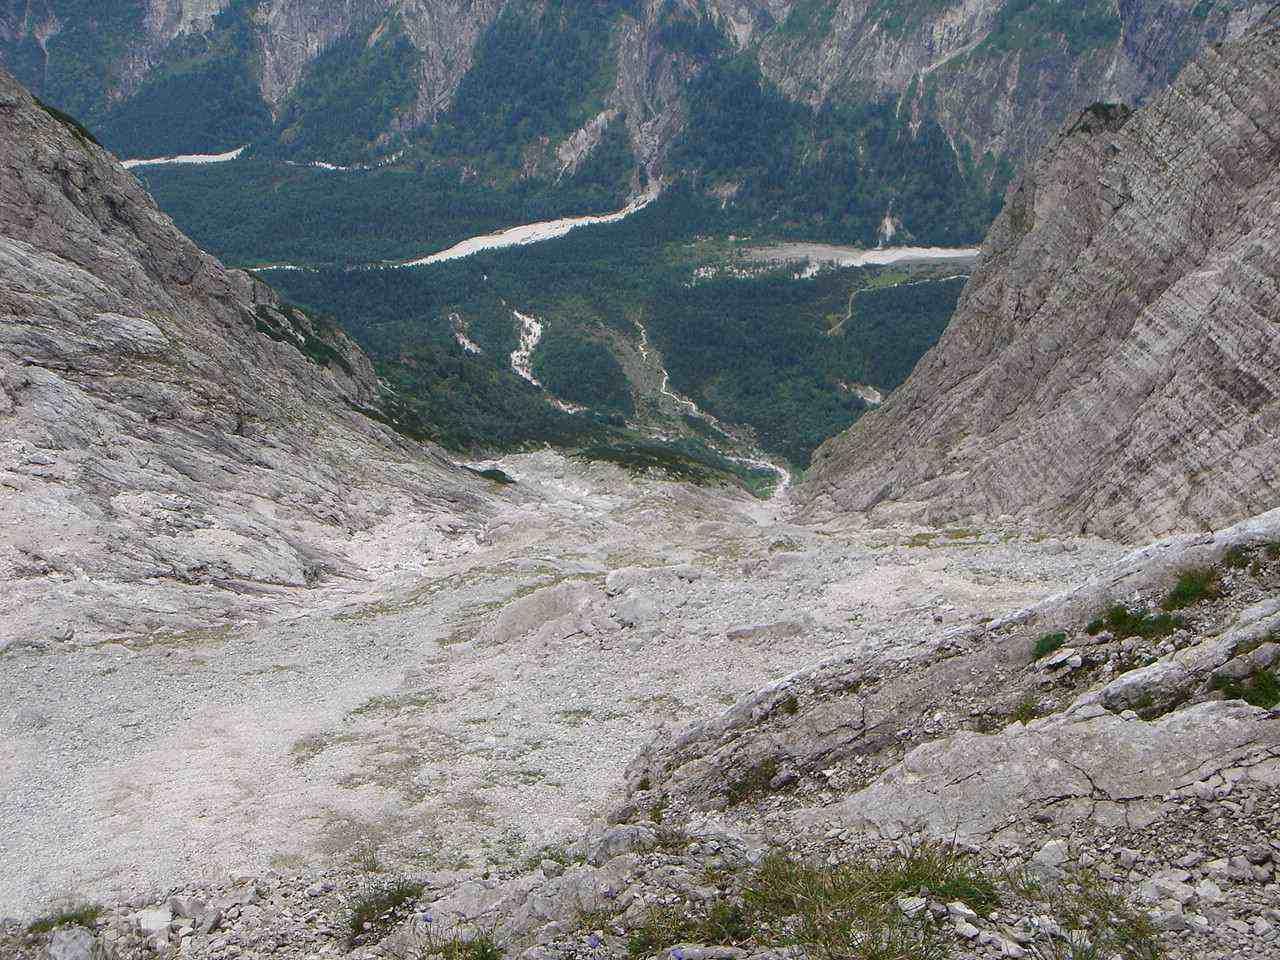 Foto: Manfred Karl / Wander Tour / Auf den Zwölfer über den Grießkarsteig / Noch ist es ein weiter und steiler Weg hinunter ins Tal. / 18.05.2007 14:28:53